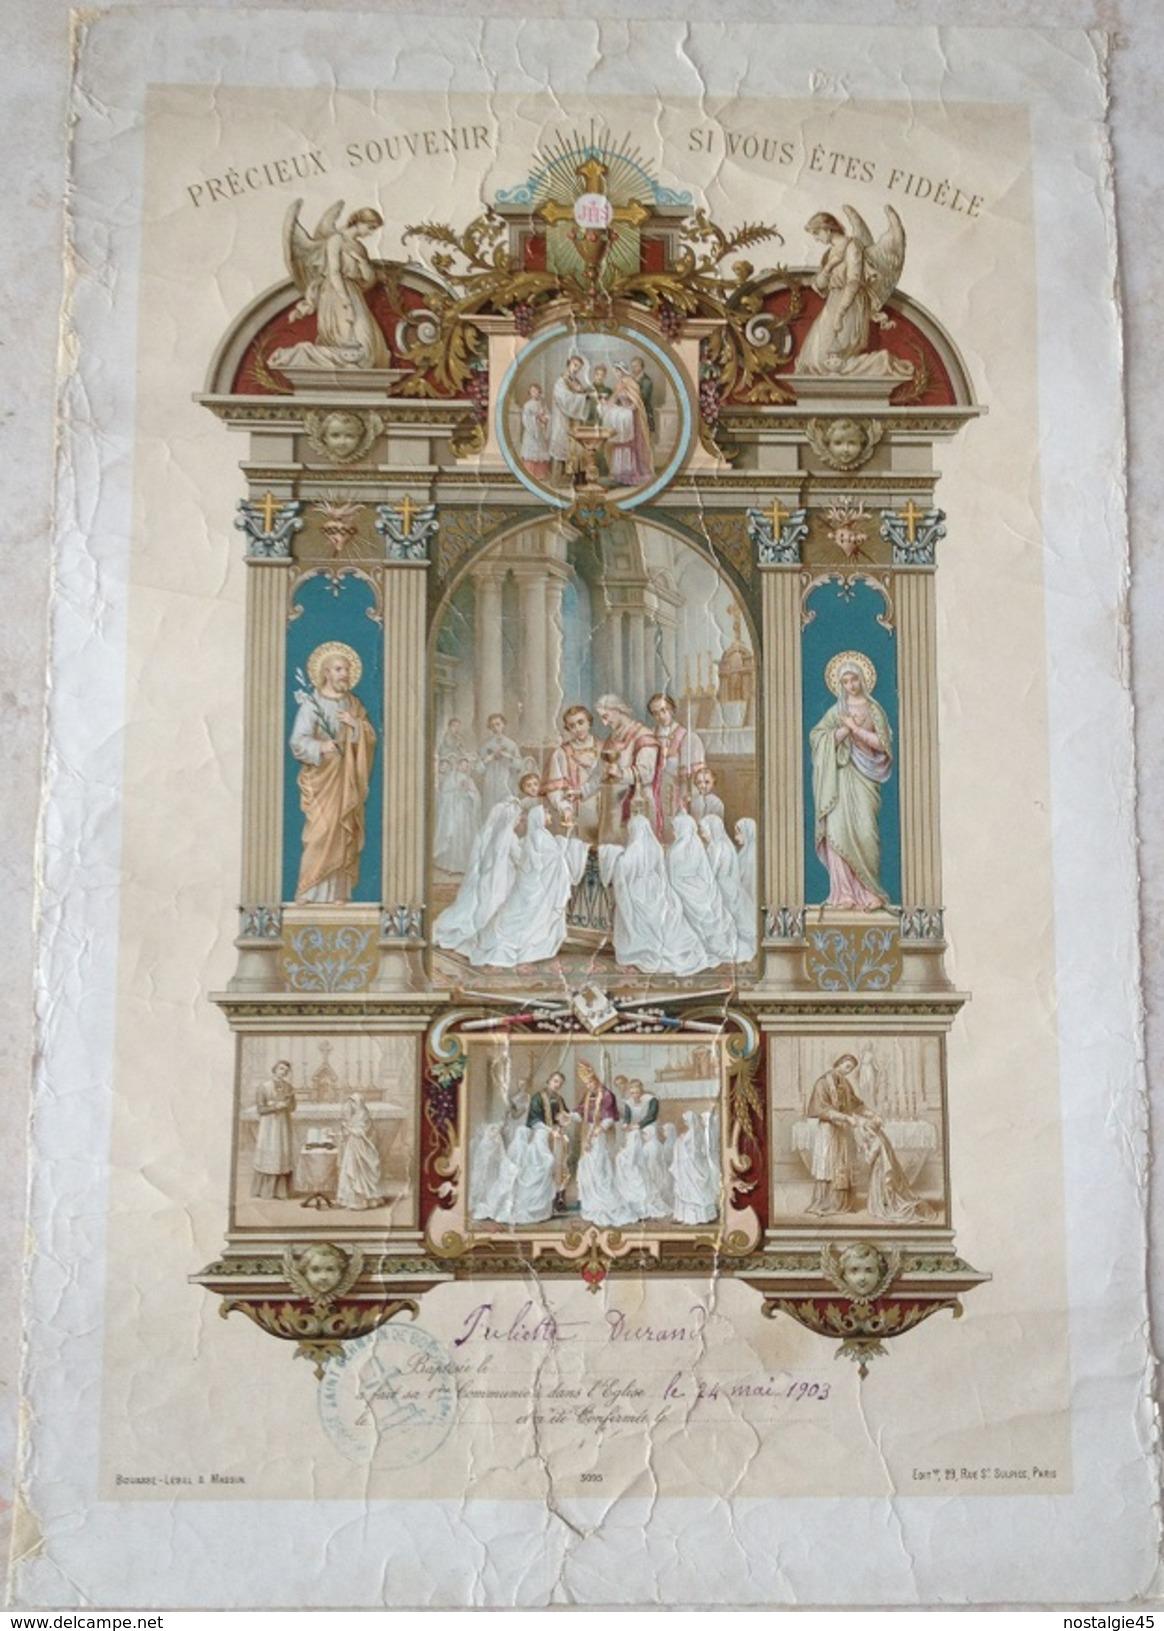 PRECIEUX SOUVENIR SI VOUS ETES FIDELE  Bouasse-Lebel & Massin 1ère Communion 1903 Image 3095 Ed St Sulpice Paris - Vieux Papiers